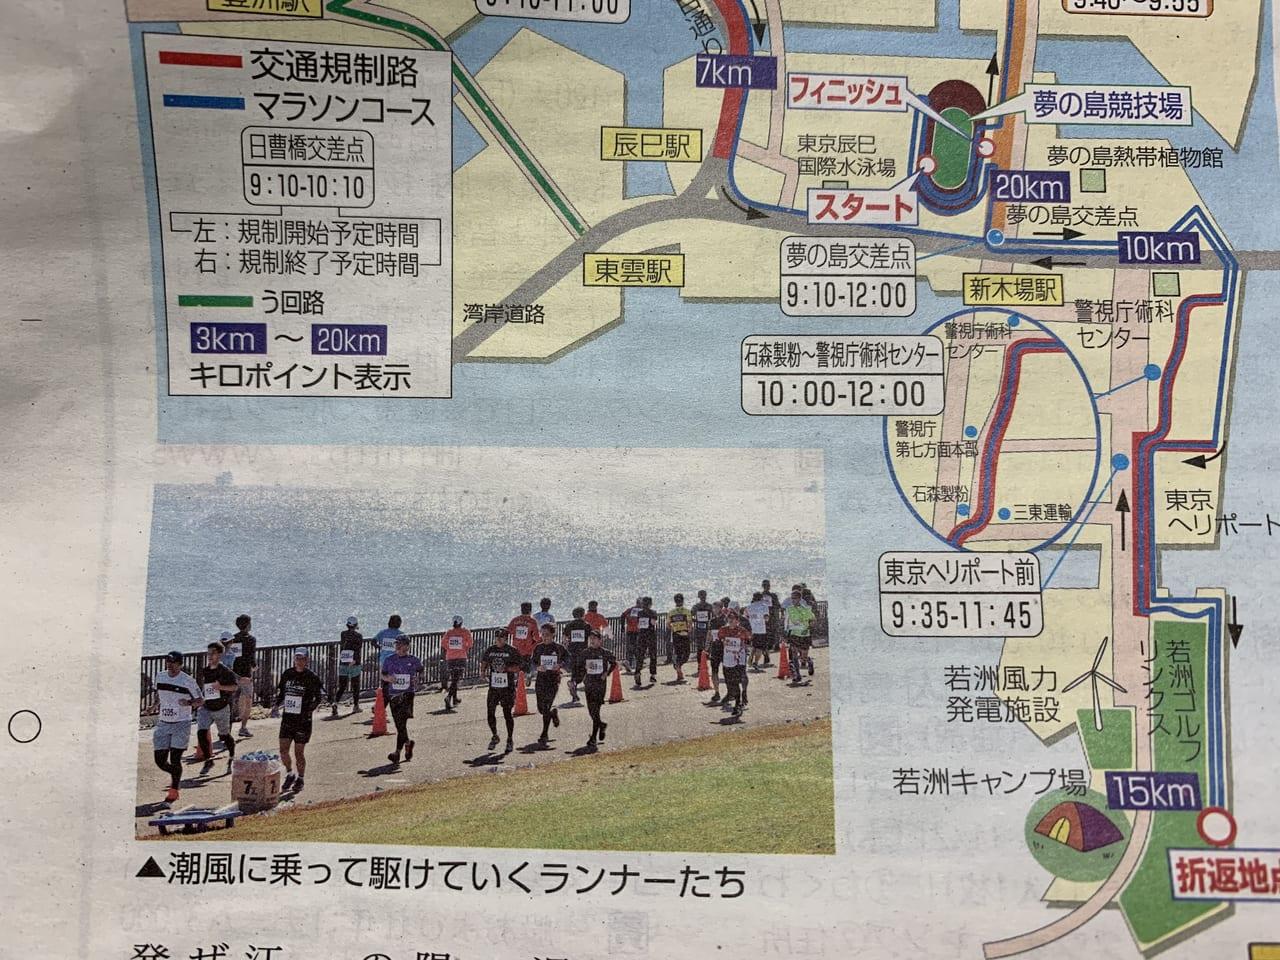 江東シーサイドマラソン2019湾岸沿い